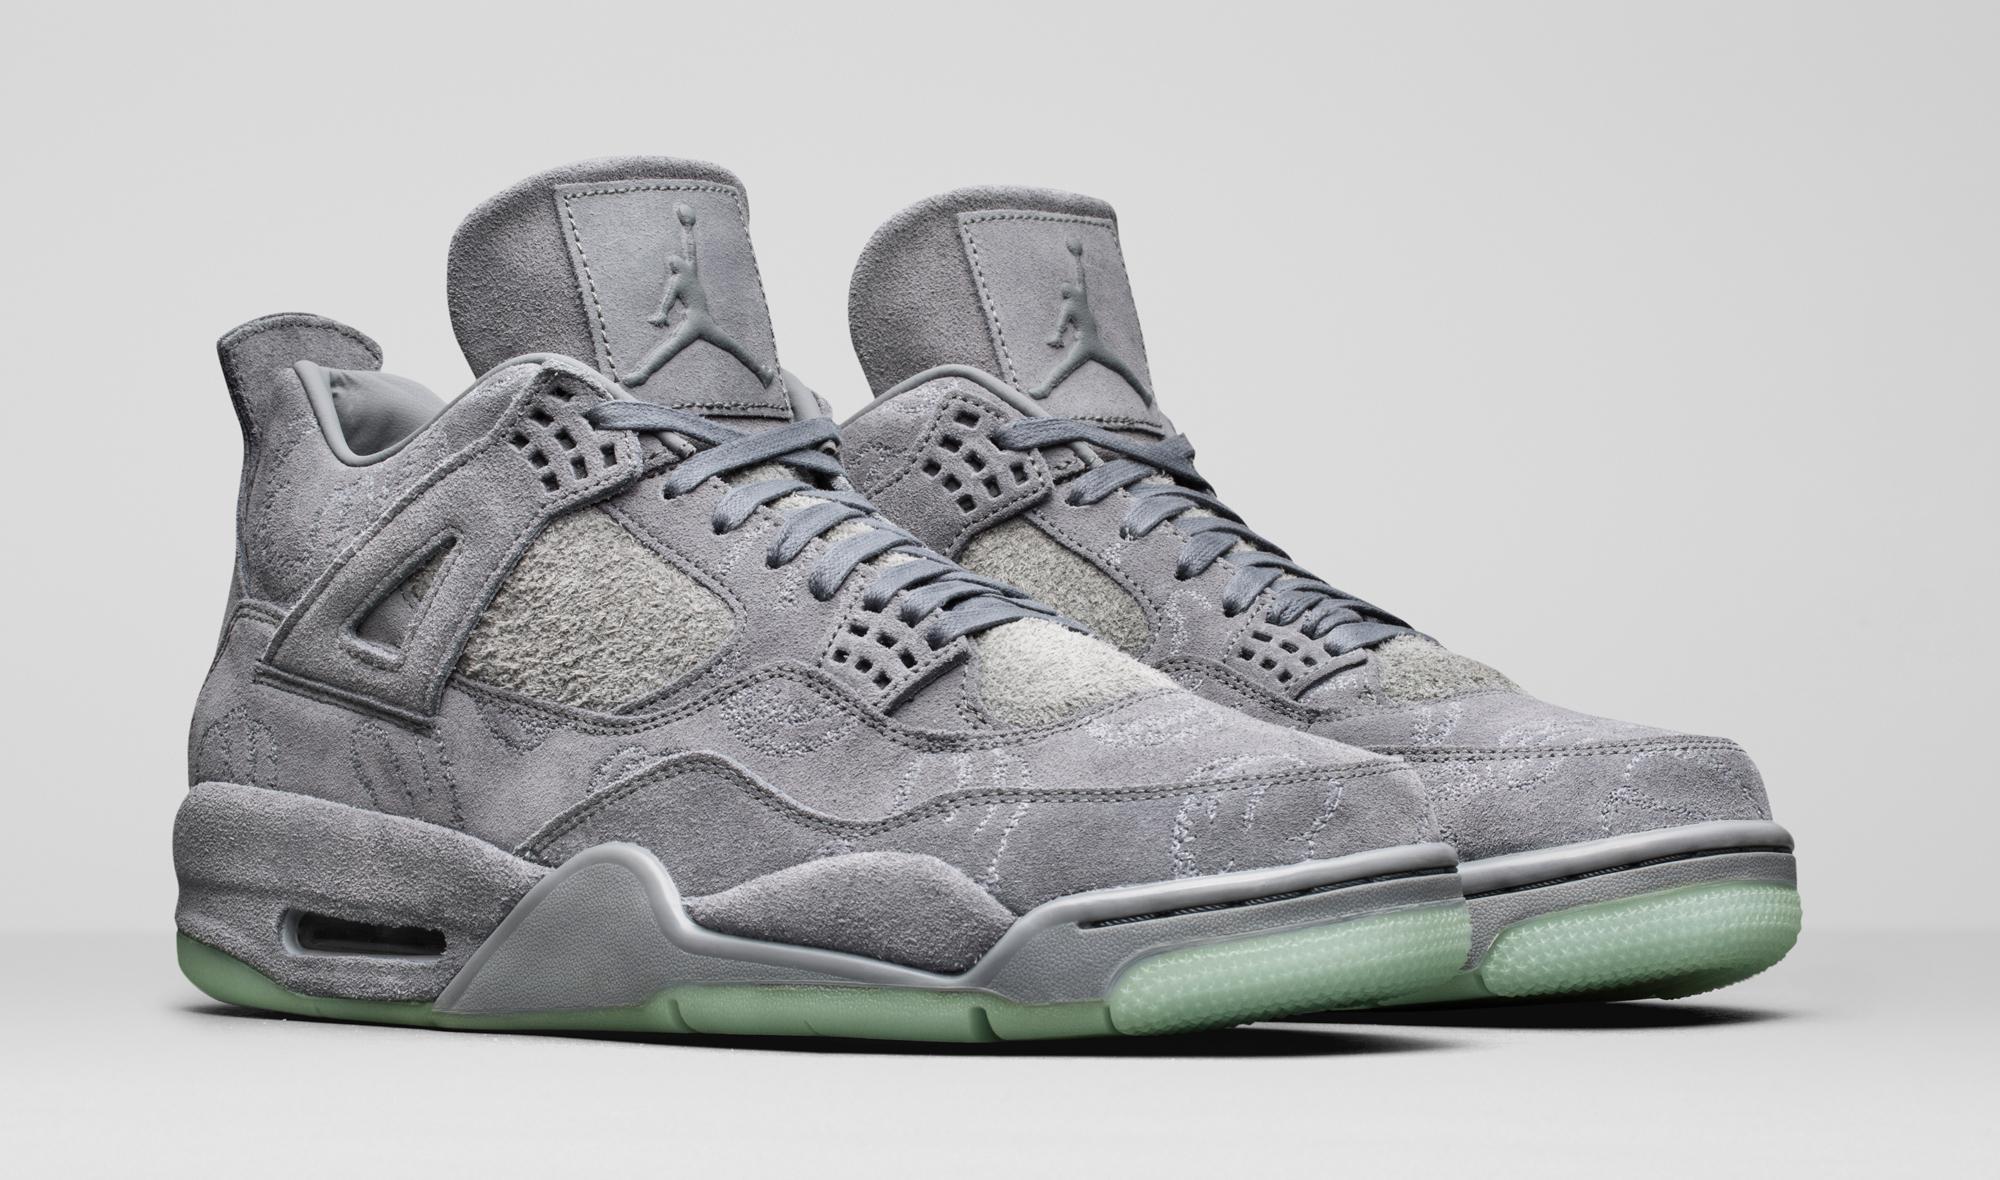 New Jordan Shoes Xx